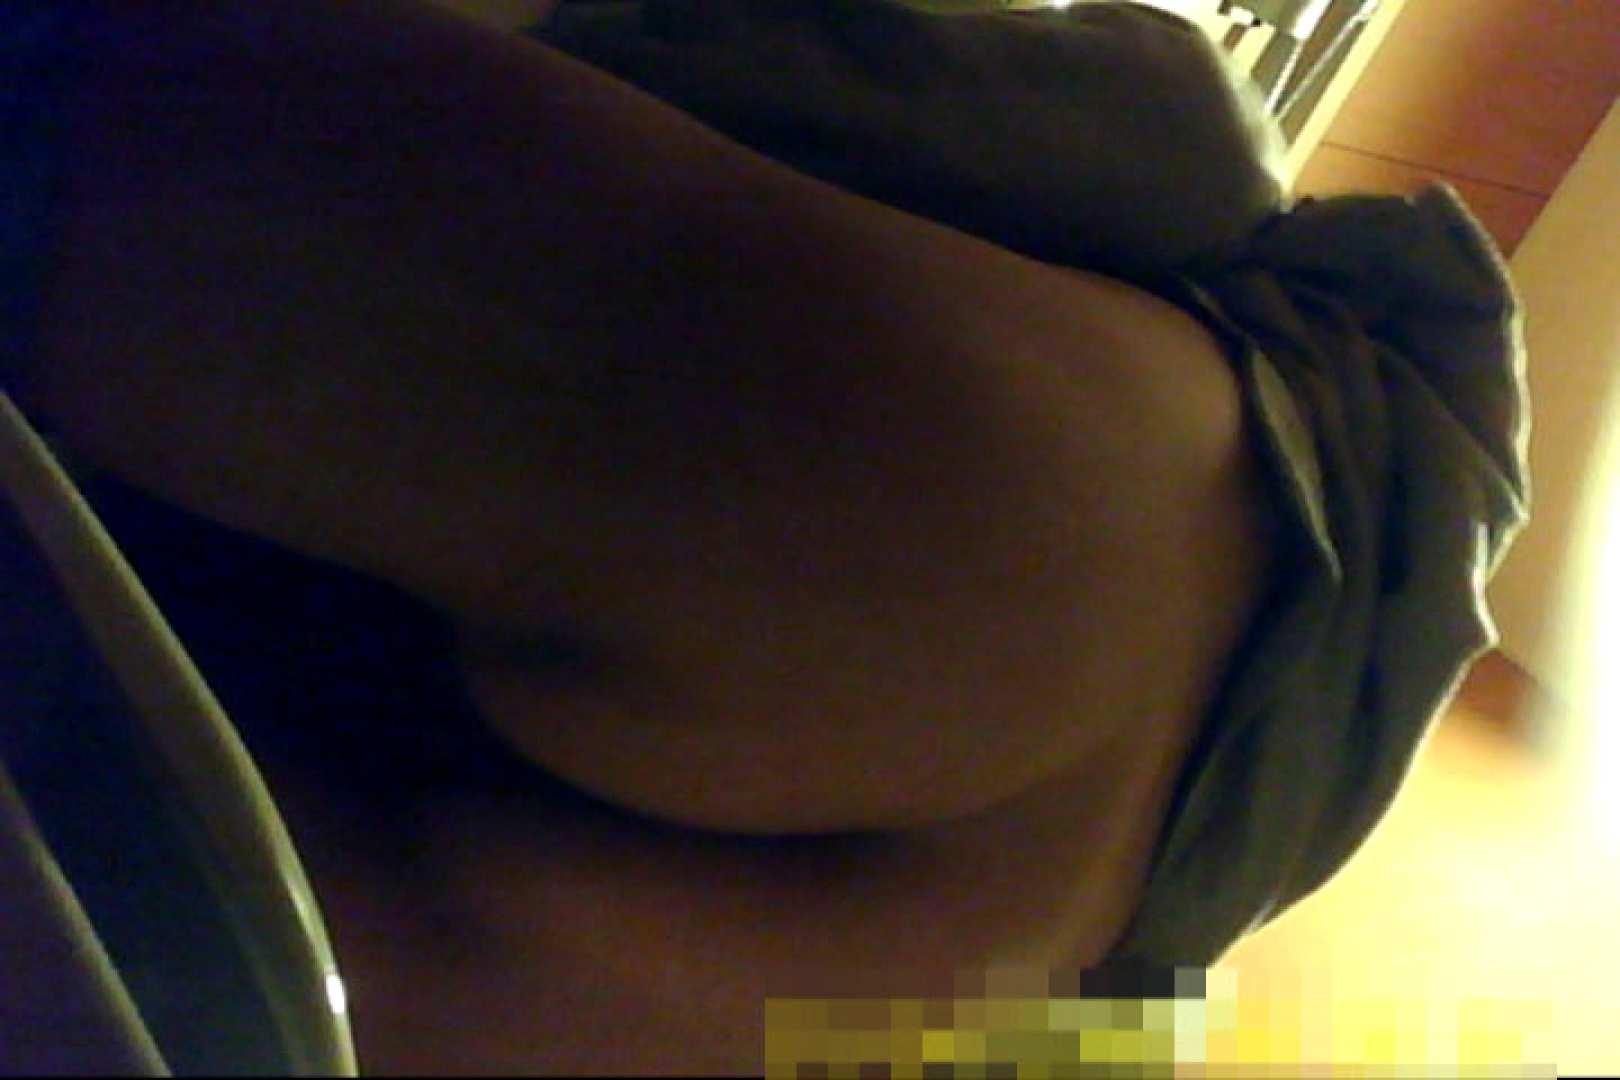 魅惑の化粧室~禁断のプライベート空間~29 プライベート | 盗撮師作品  87pic 49